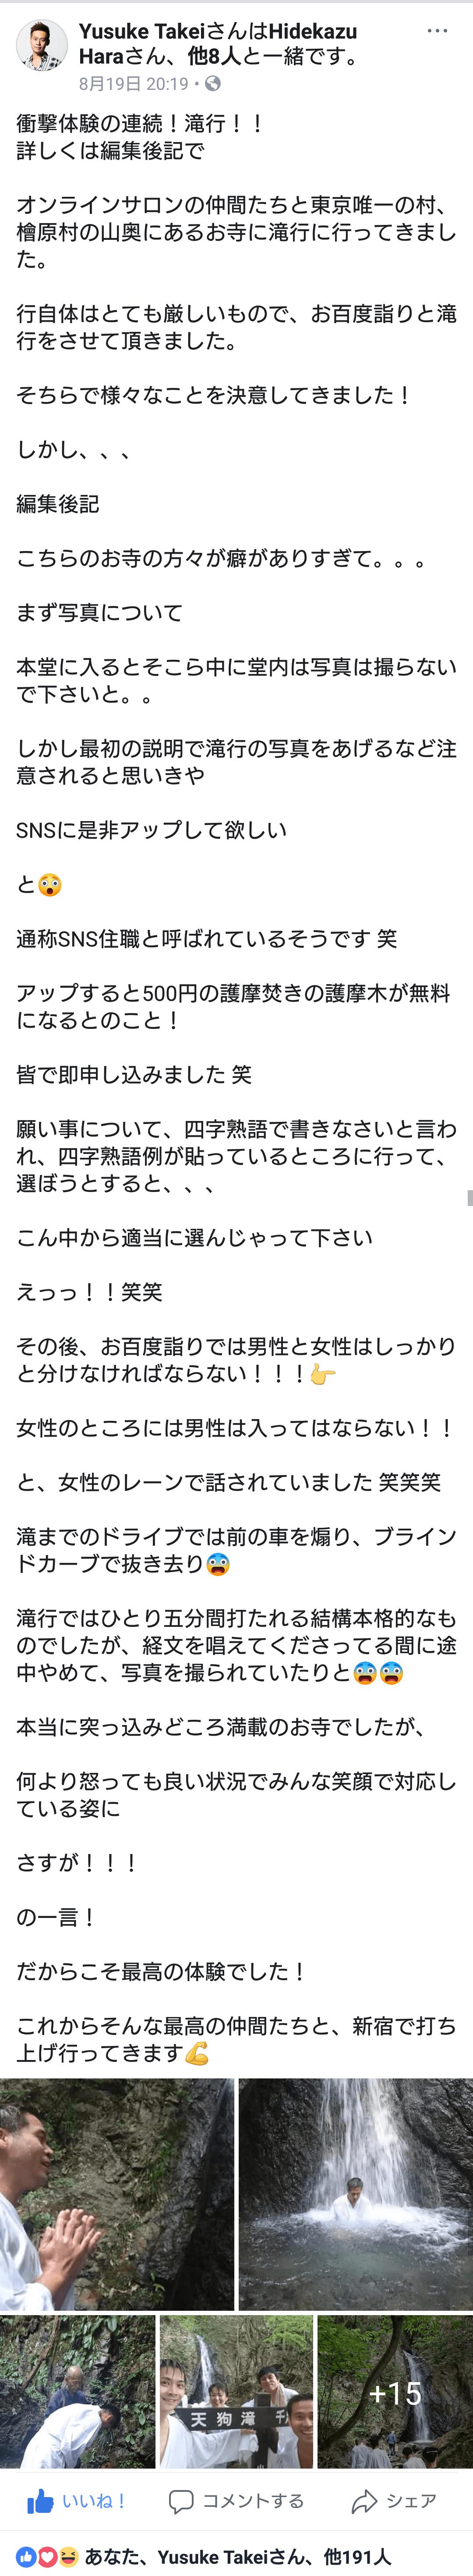 竹井佑介の滝行体験談